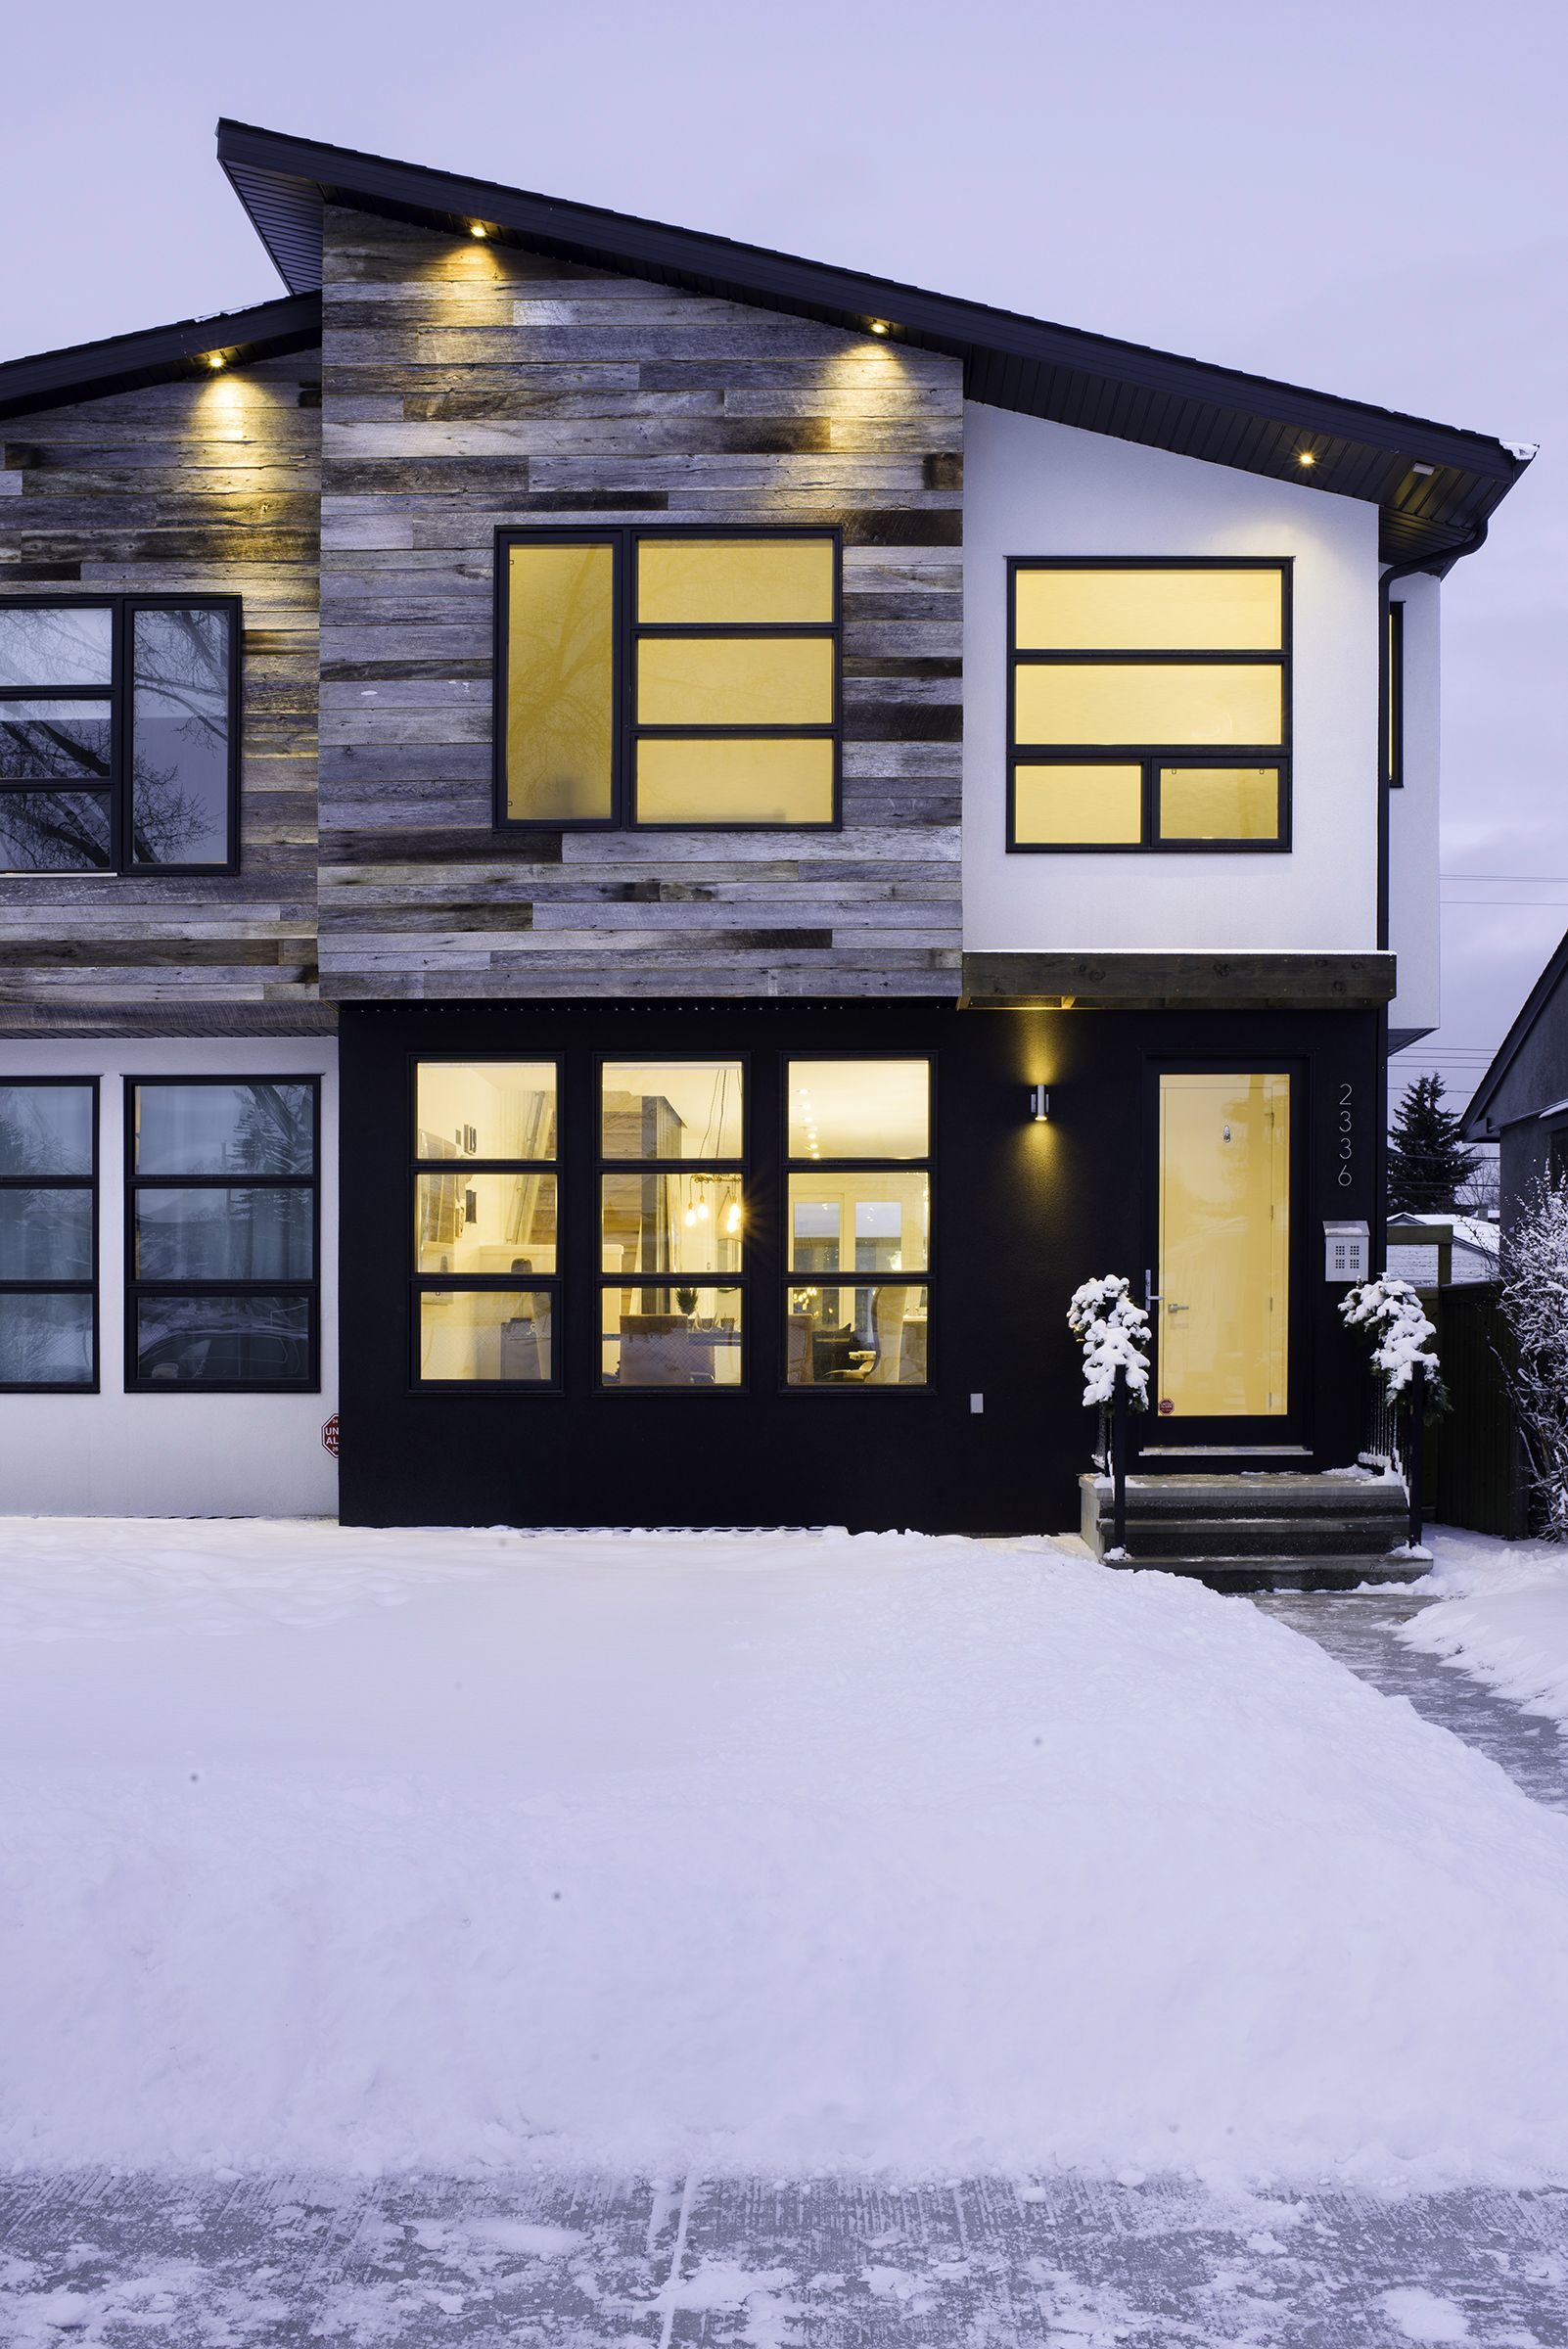 71 Contemporary Exterior Design Photos  Favorite Places  Spaces  House design Facade house